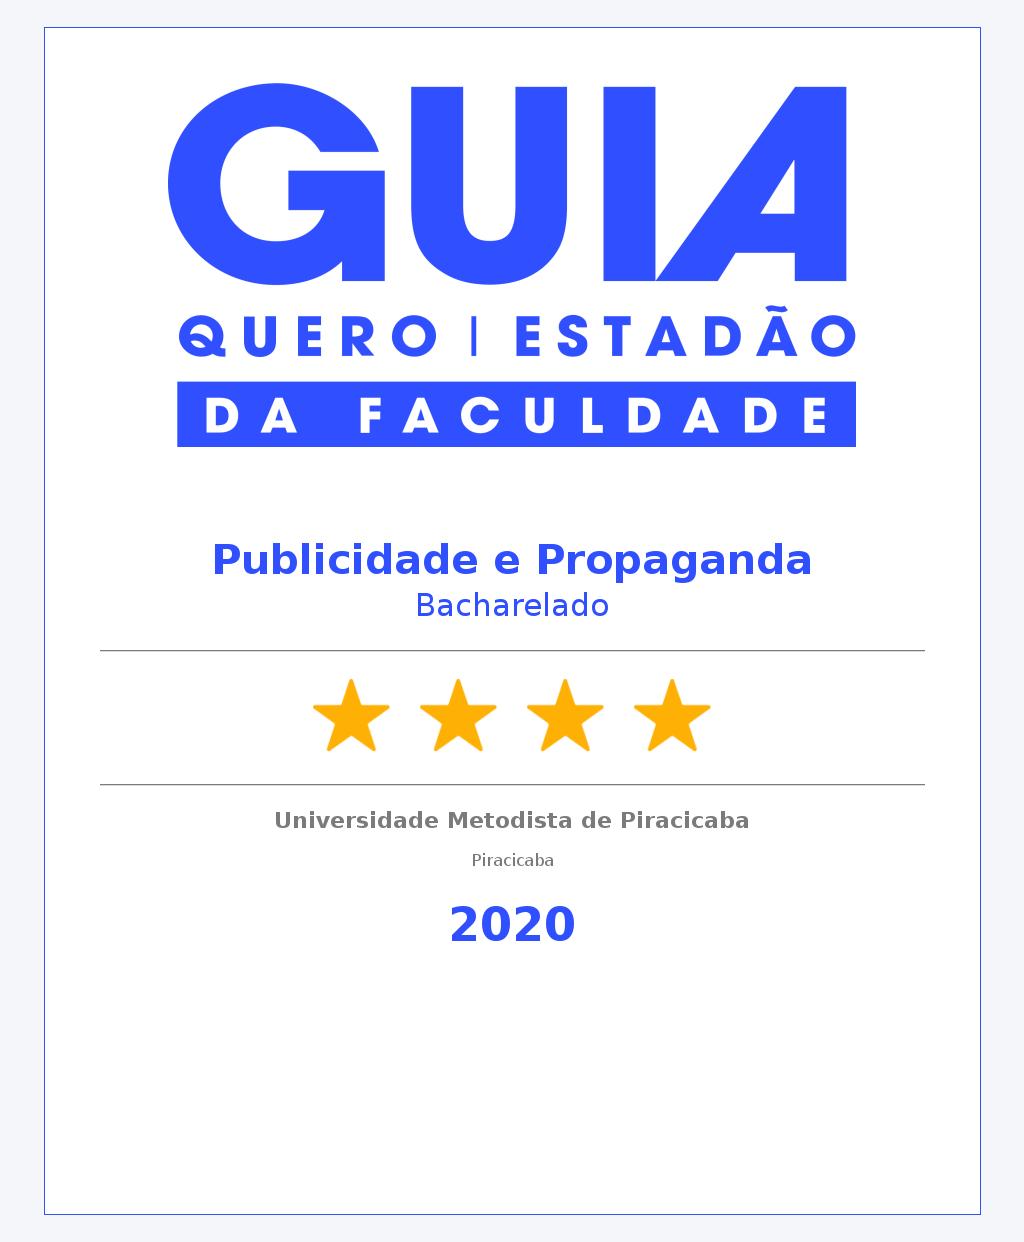 publicidade e propaganda.png